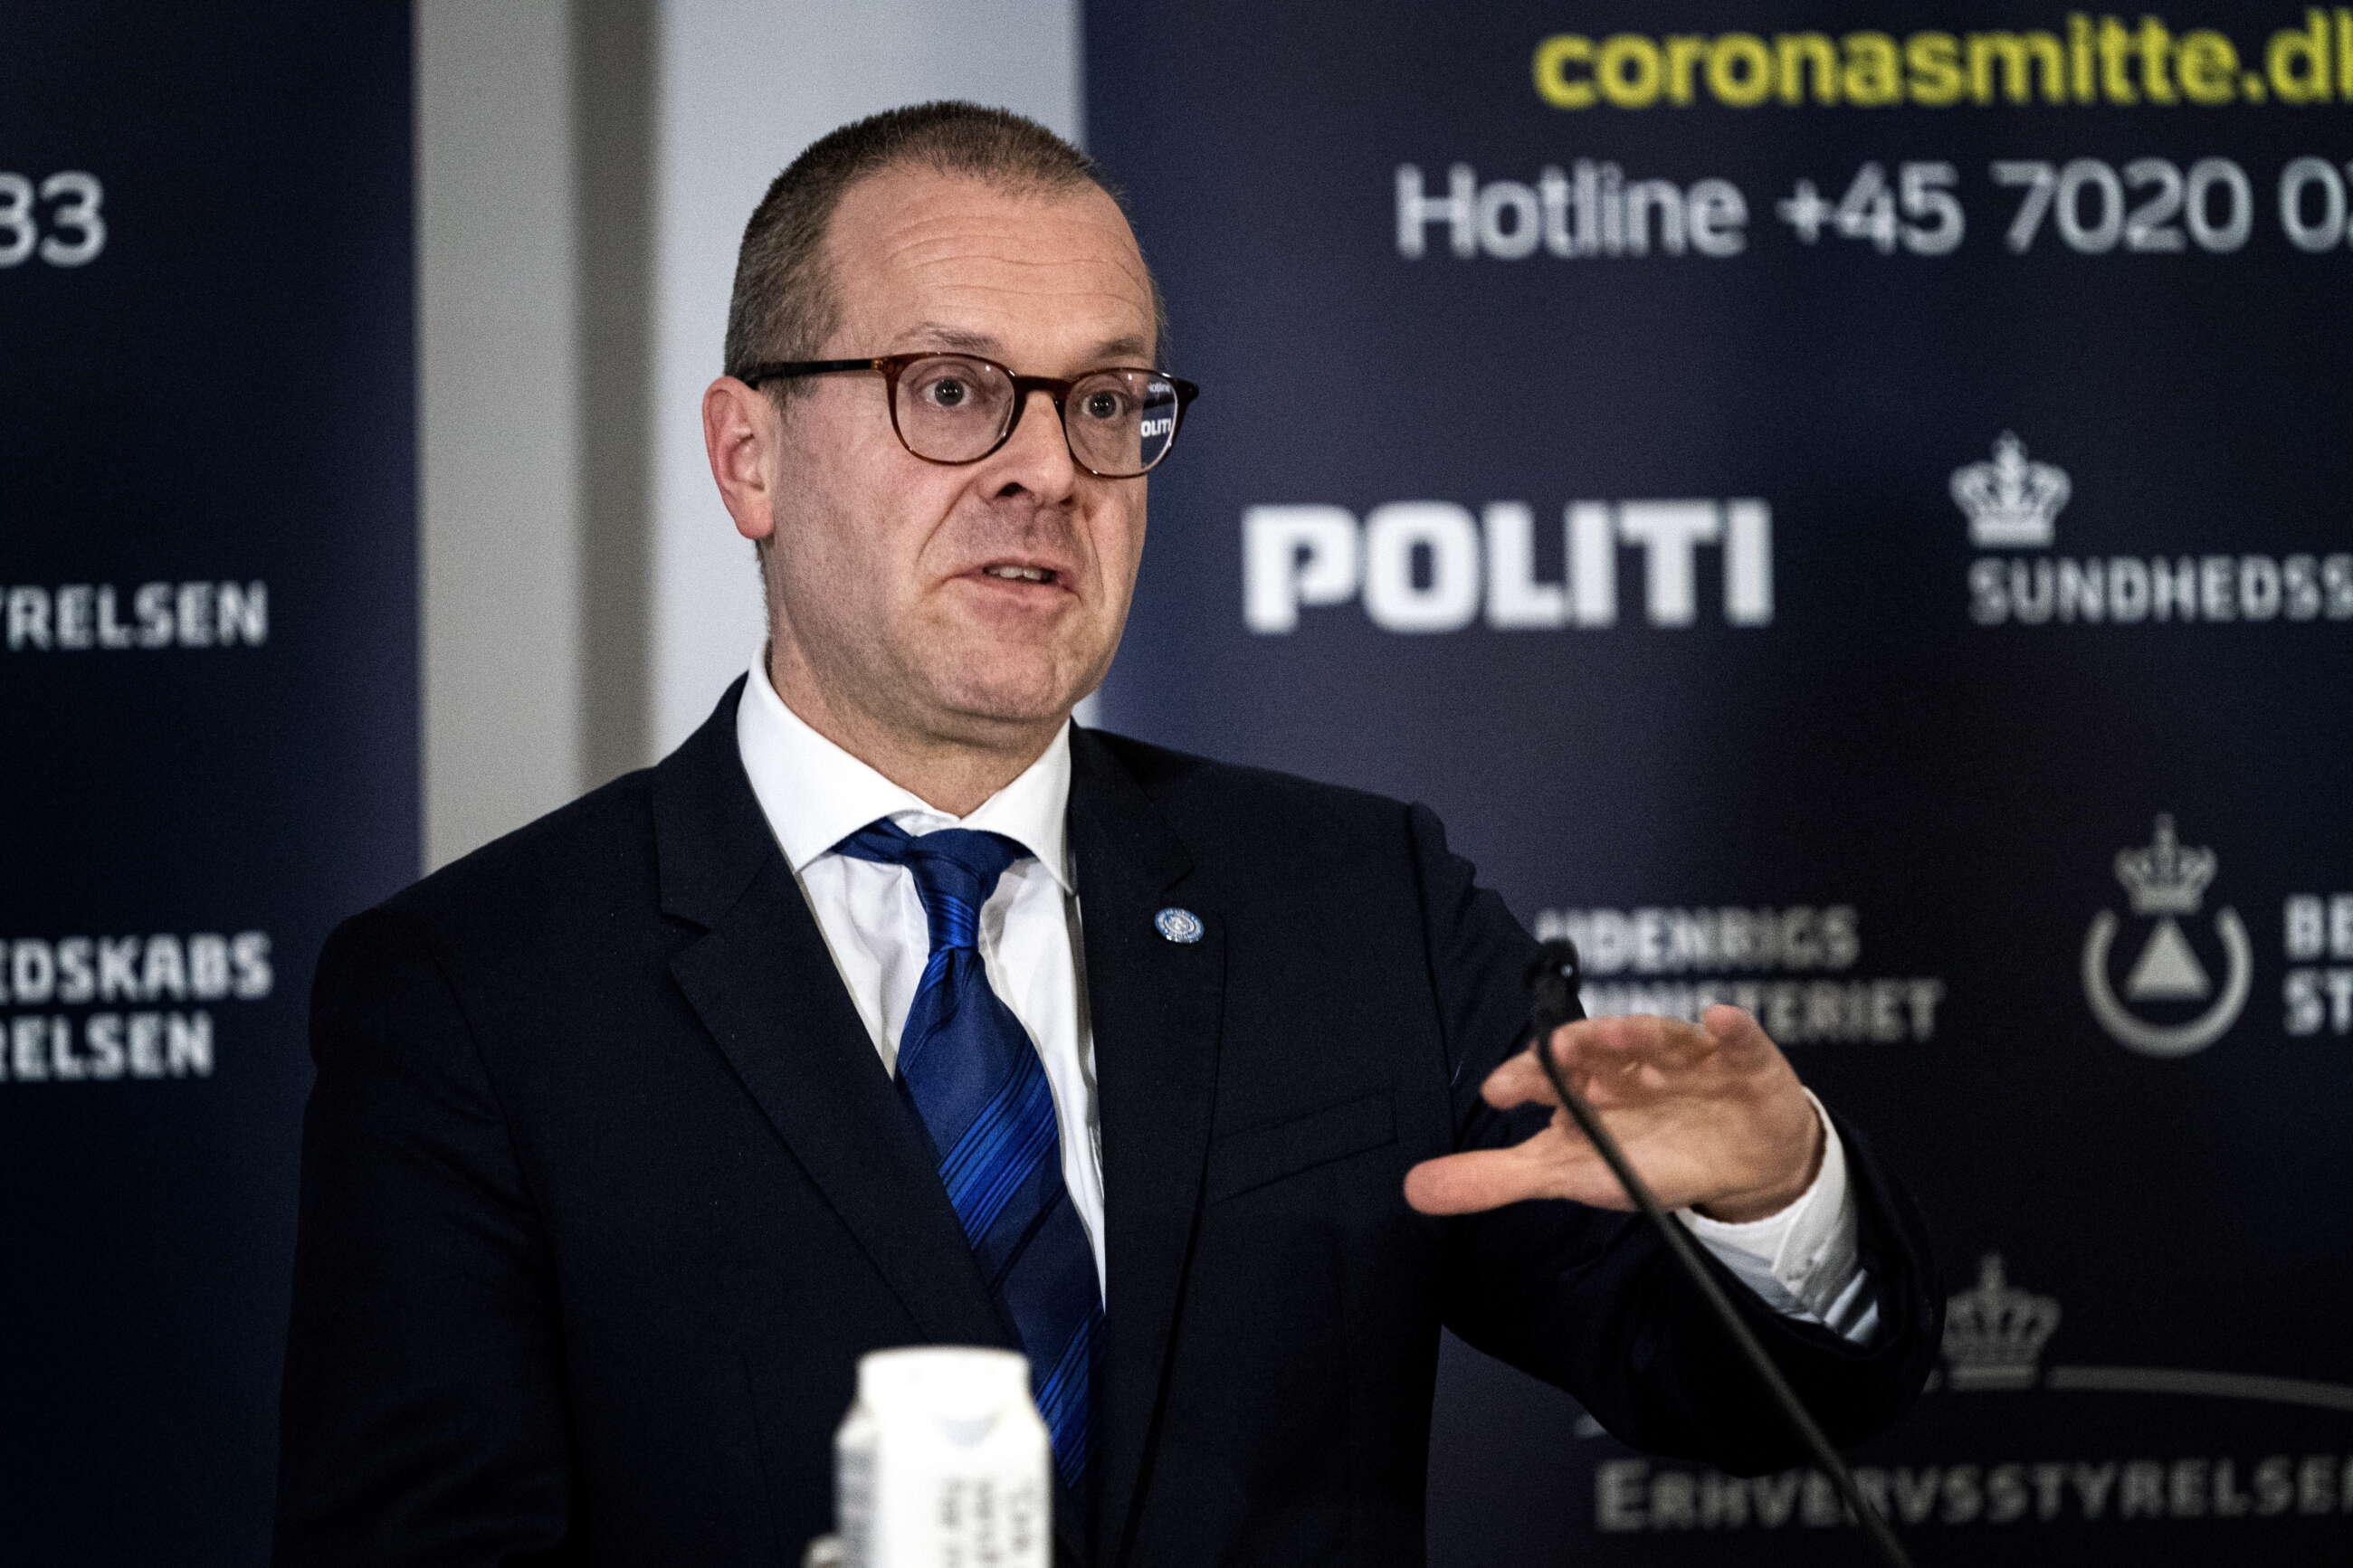 El director de la Organización Mundial de la Salud para Europa, Hans Kluge, advierte a los países sobre los riesgos de una desescalada rápida. EFE